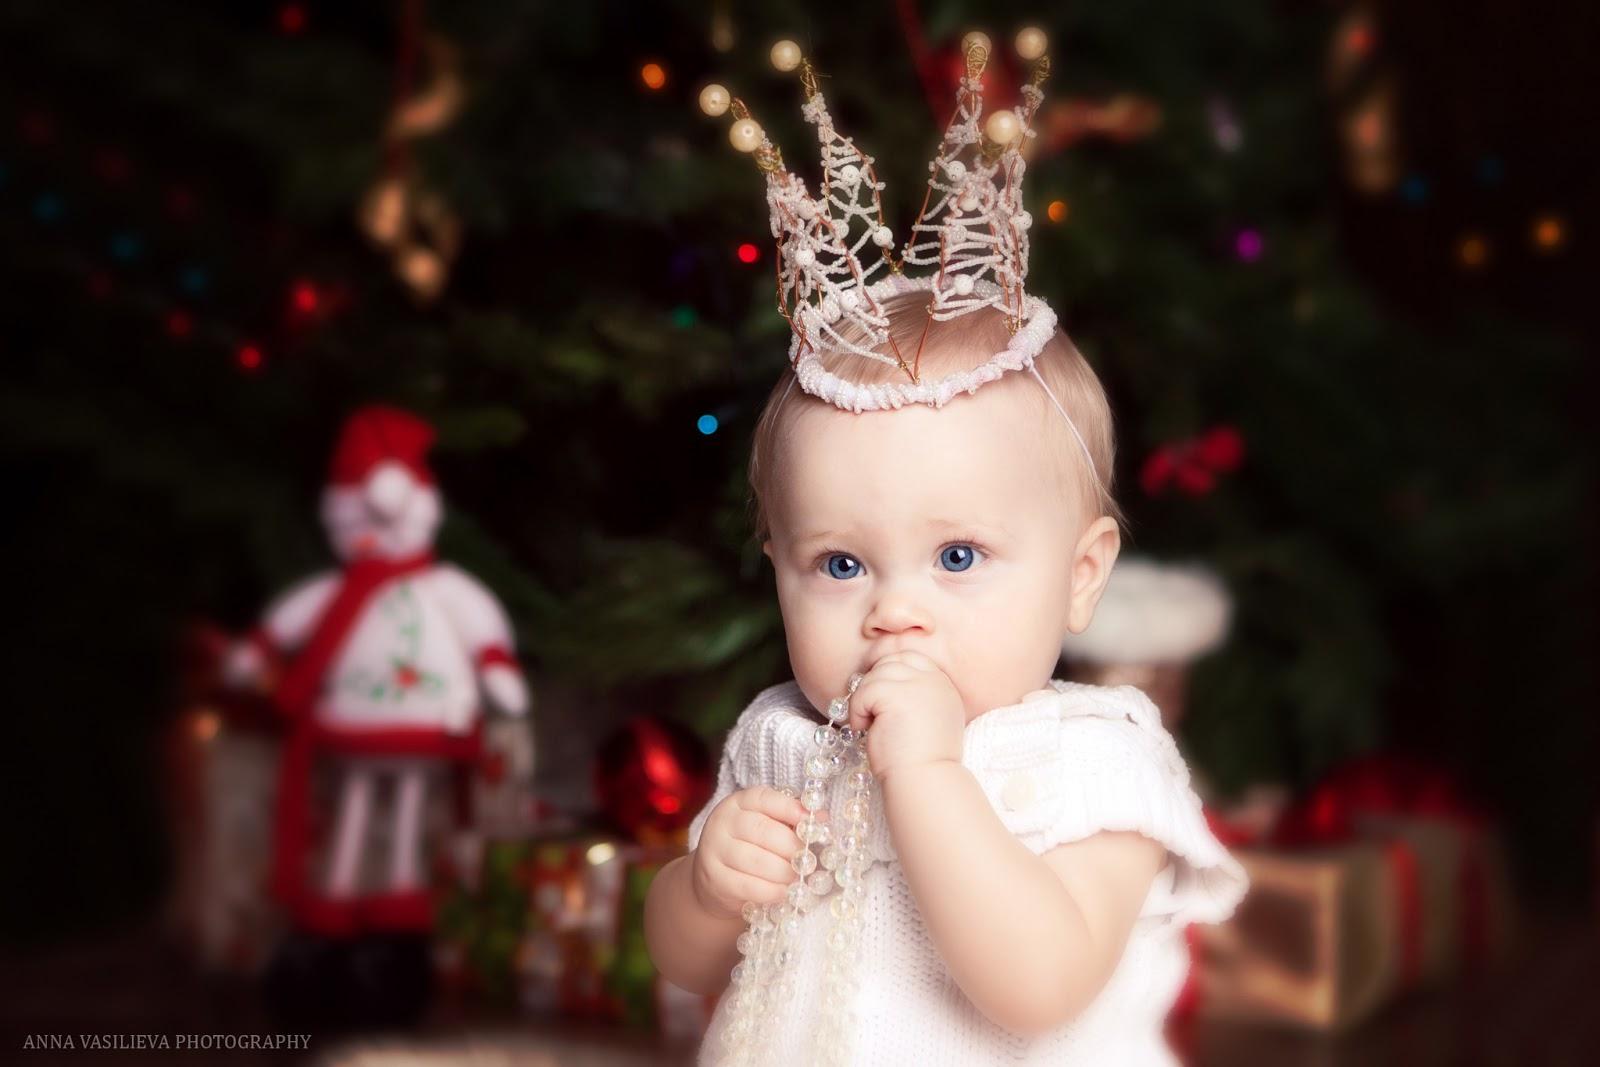 Идеи новогодняя фотосессия ребенку фото